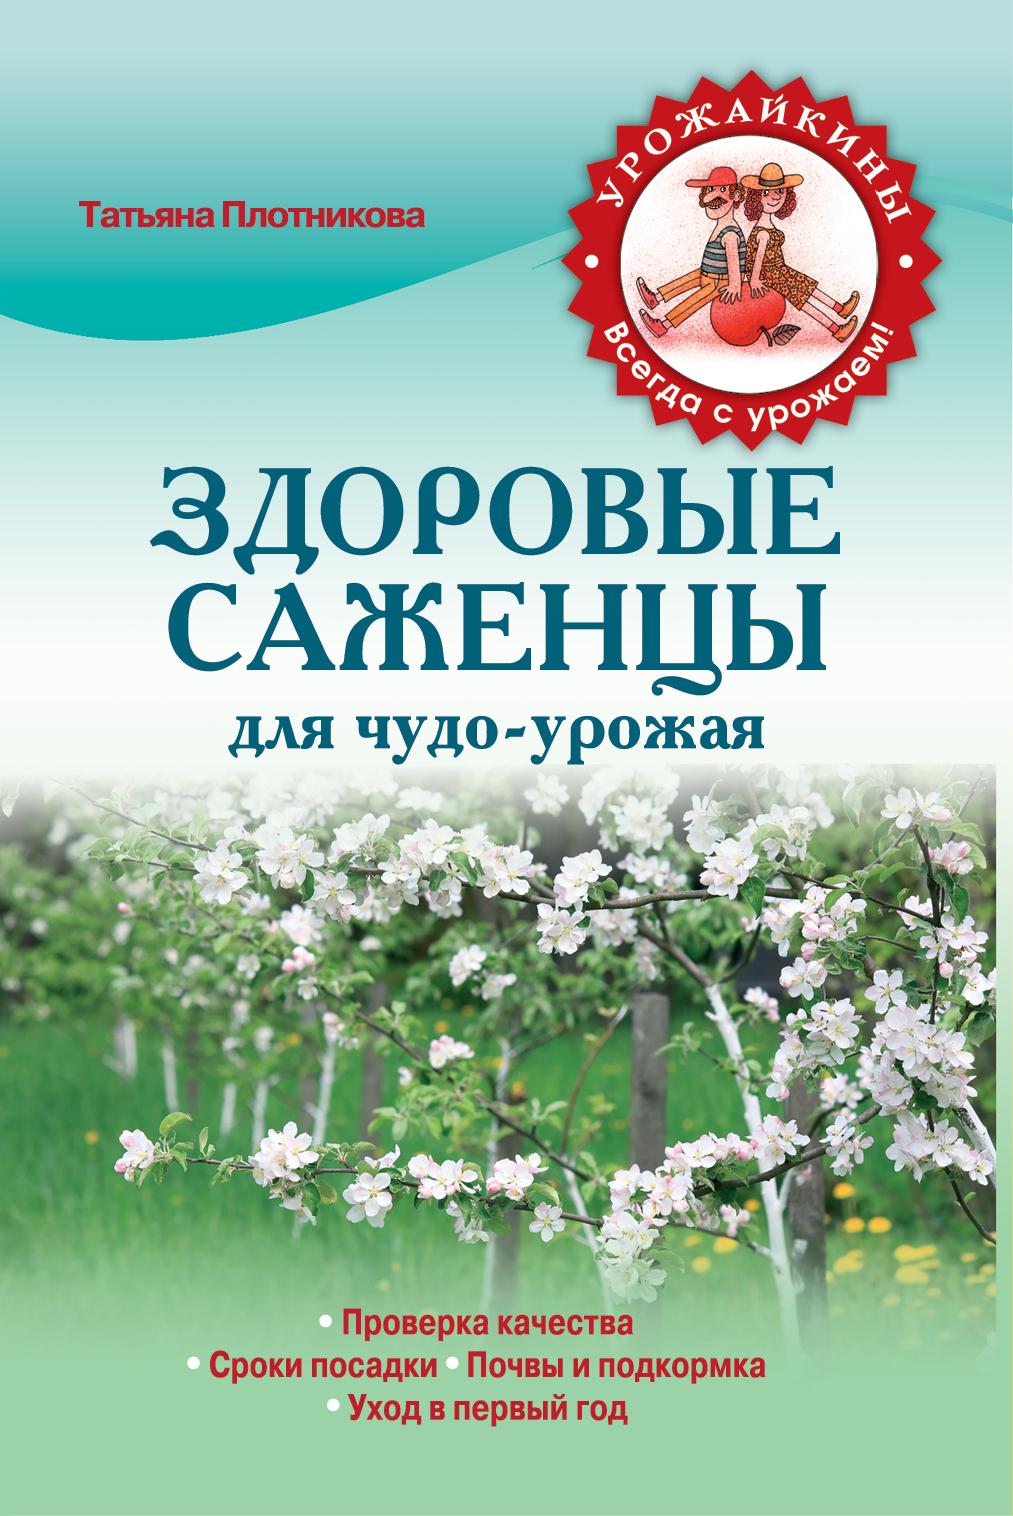 Здоровые саженцы для чудо-урожая (Урожайкины. Всегда с урожаем (обложка))